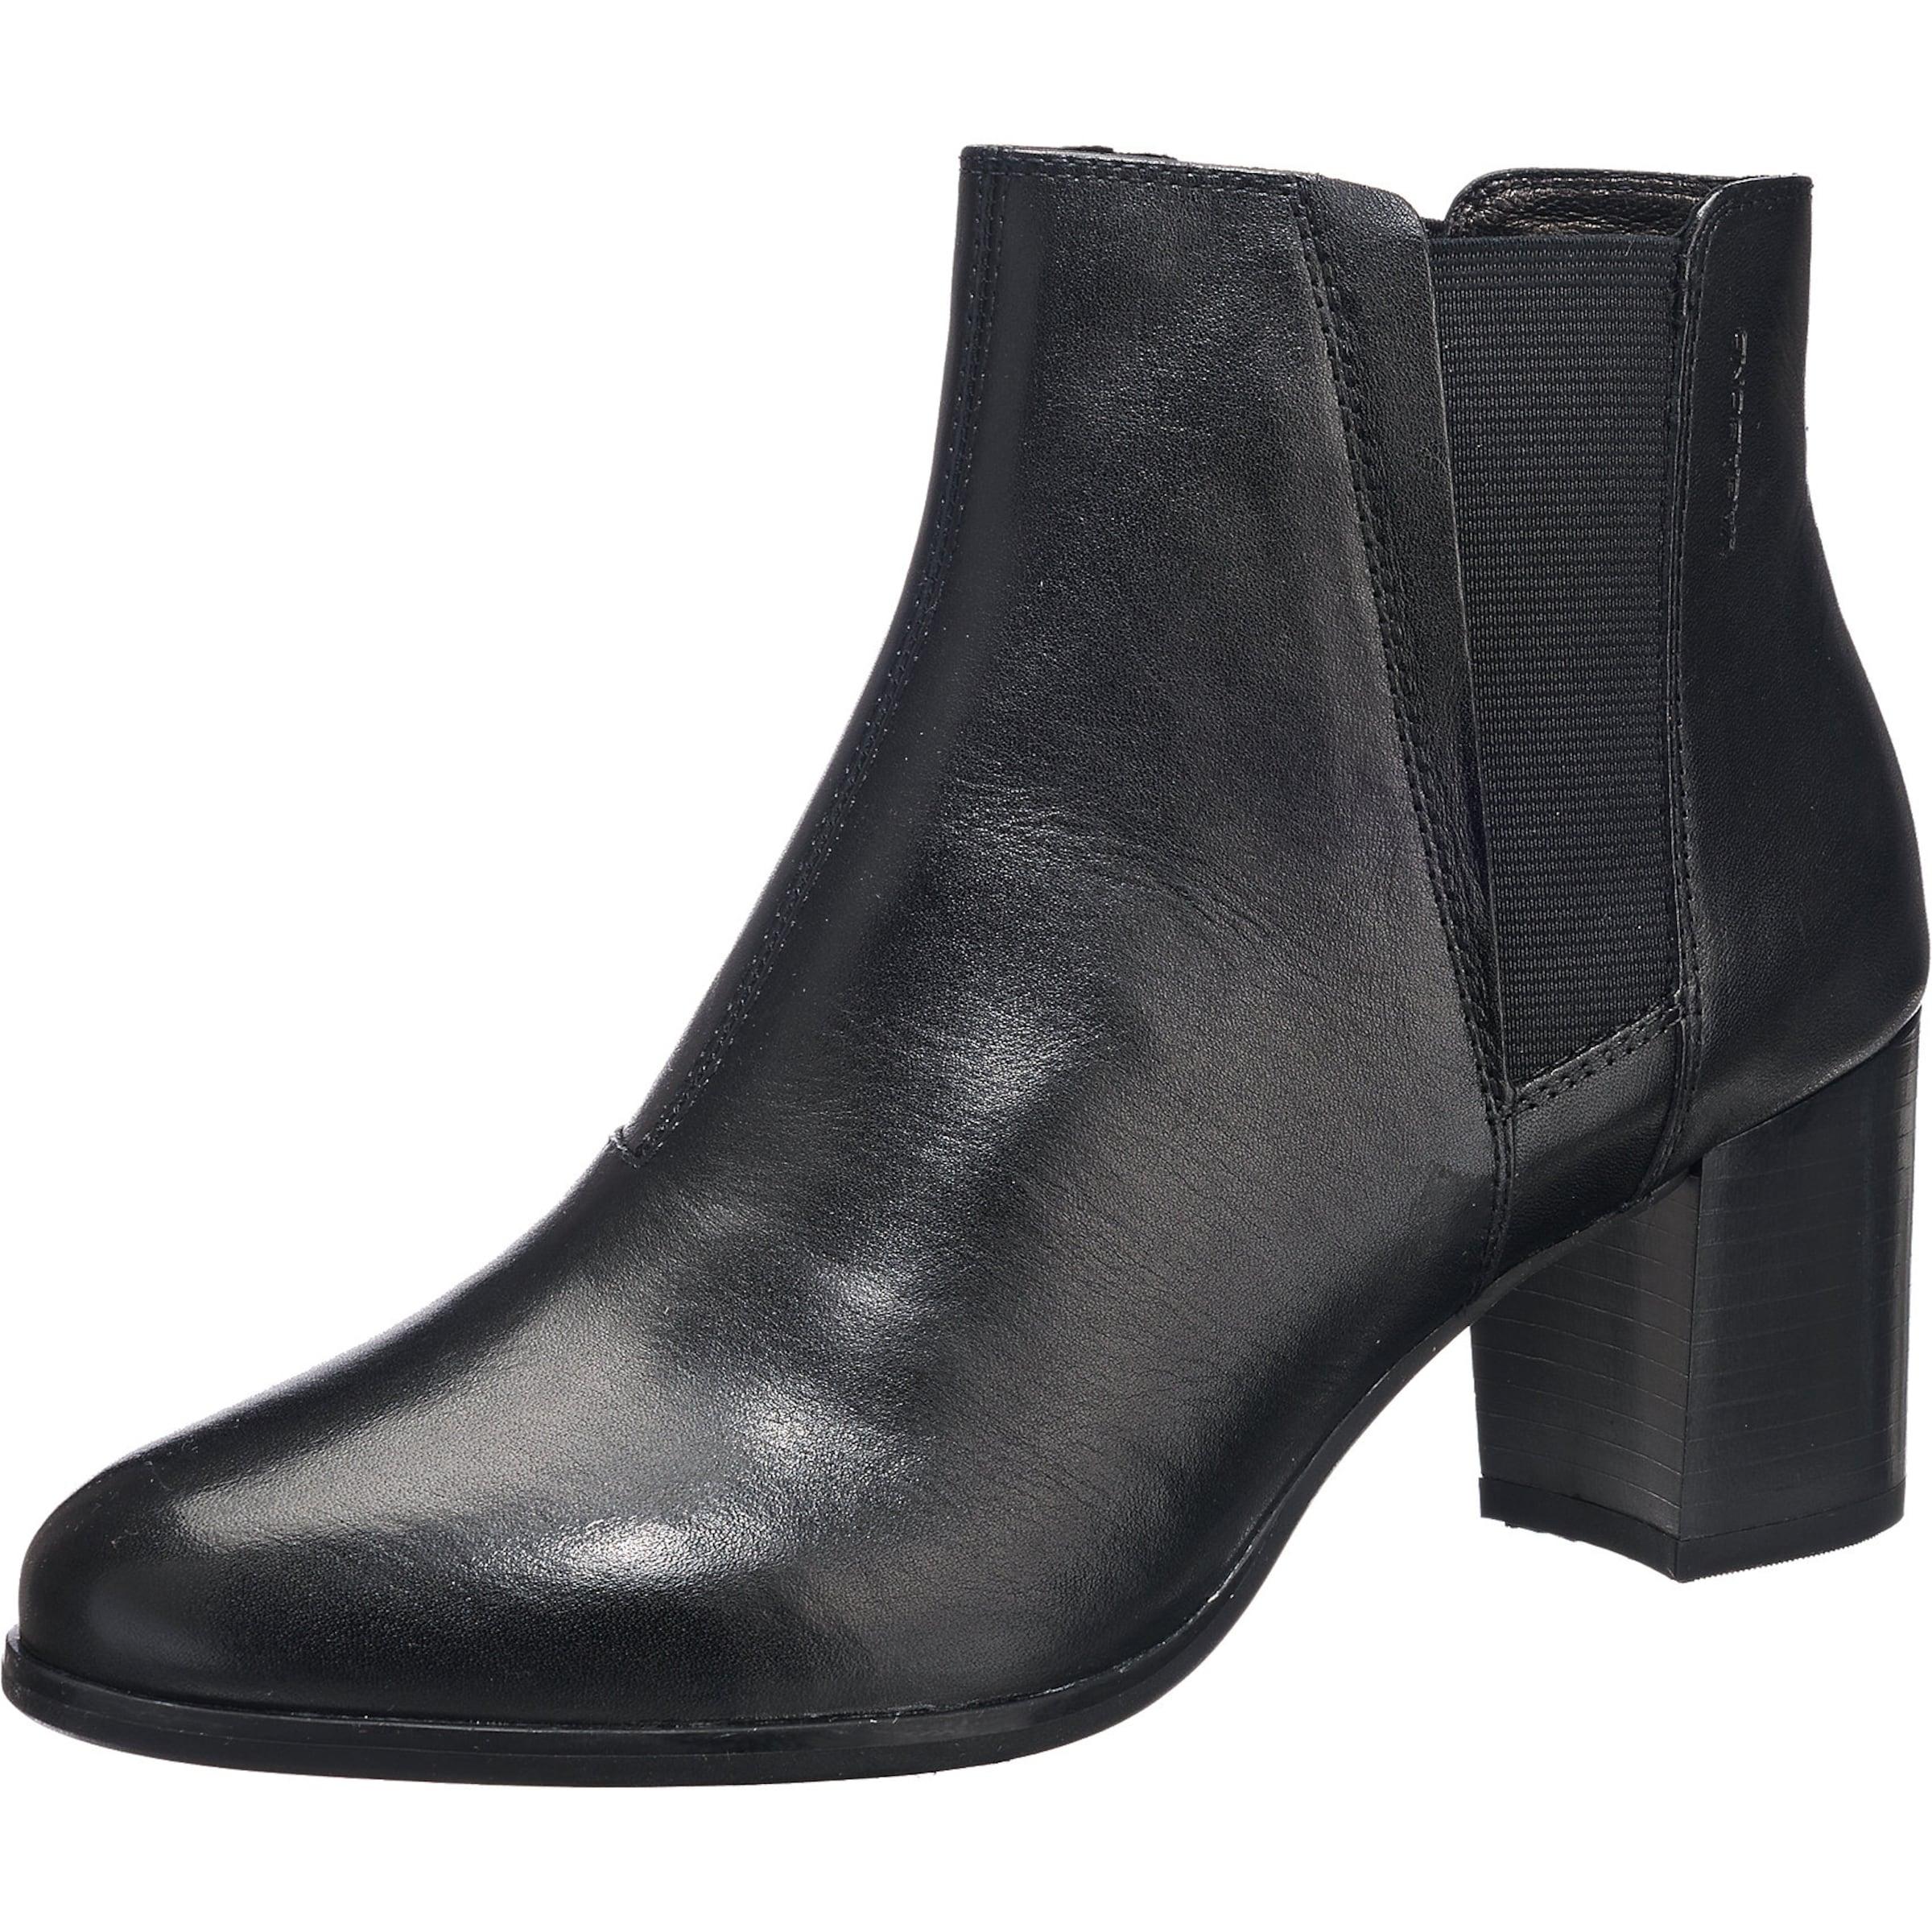 VAGABOND SHOEMAKERS Lottie Stiefeletten Verschleißfeste billige Schuhe